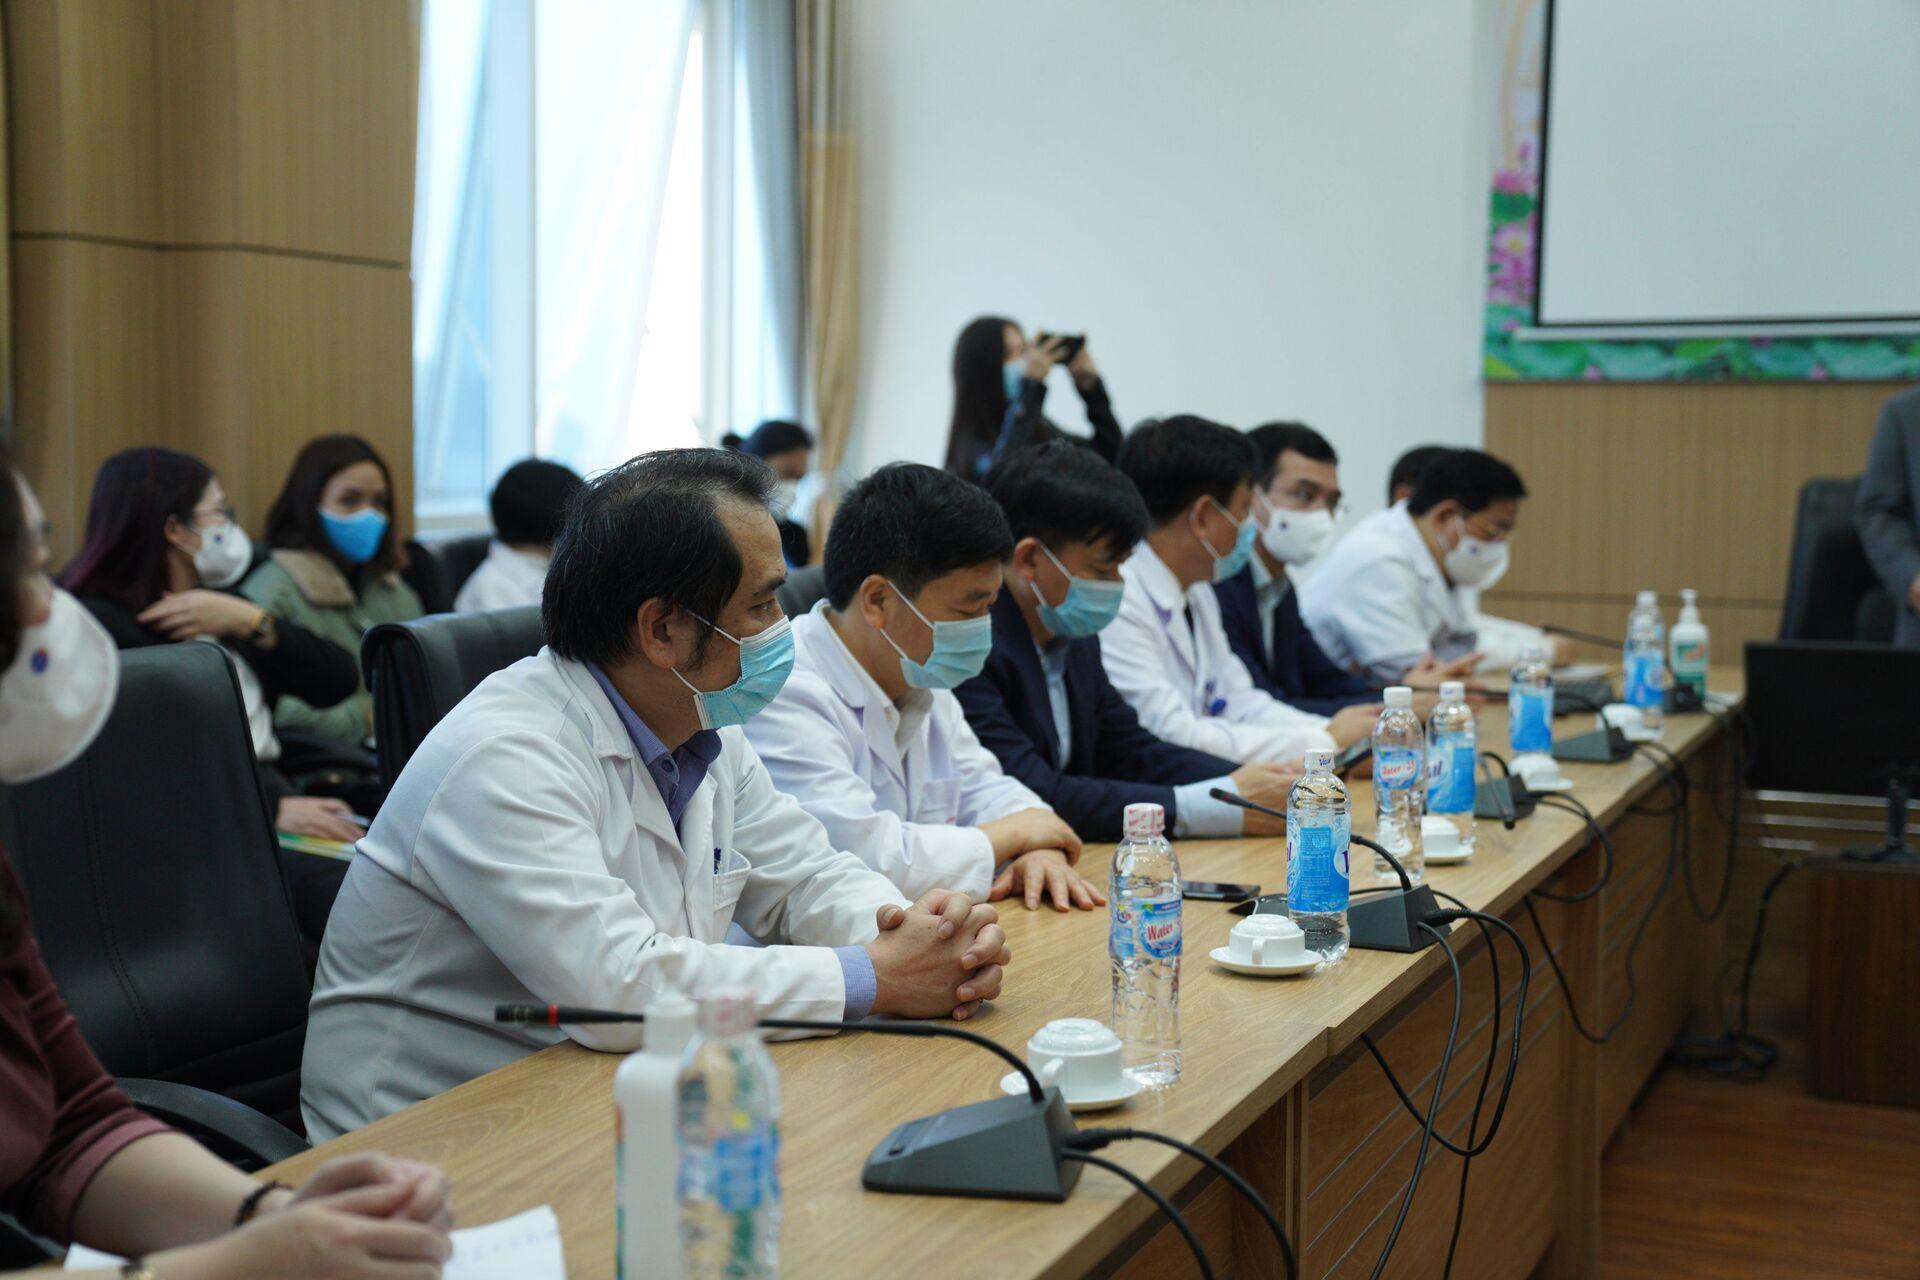 Người nước ngoài là cán bộ ngoại giao, tiếp xúc với nhiều người được ưu tiên tiêm vaccine - Sputnik Việt Nam, 1920, 08.03.2021